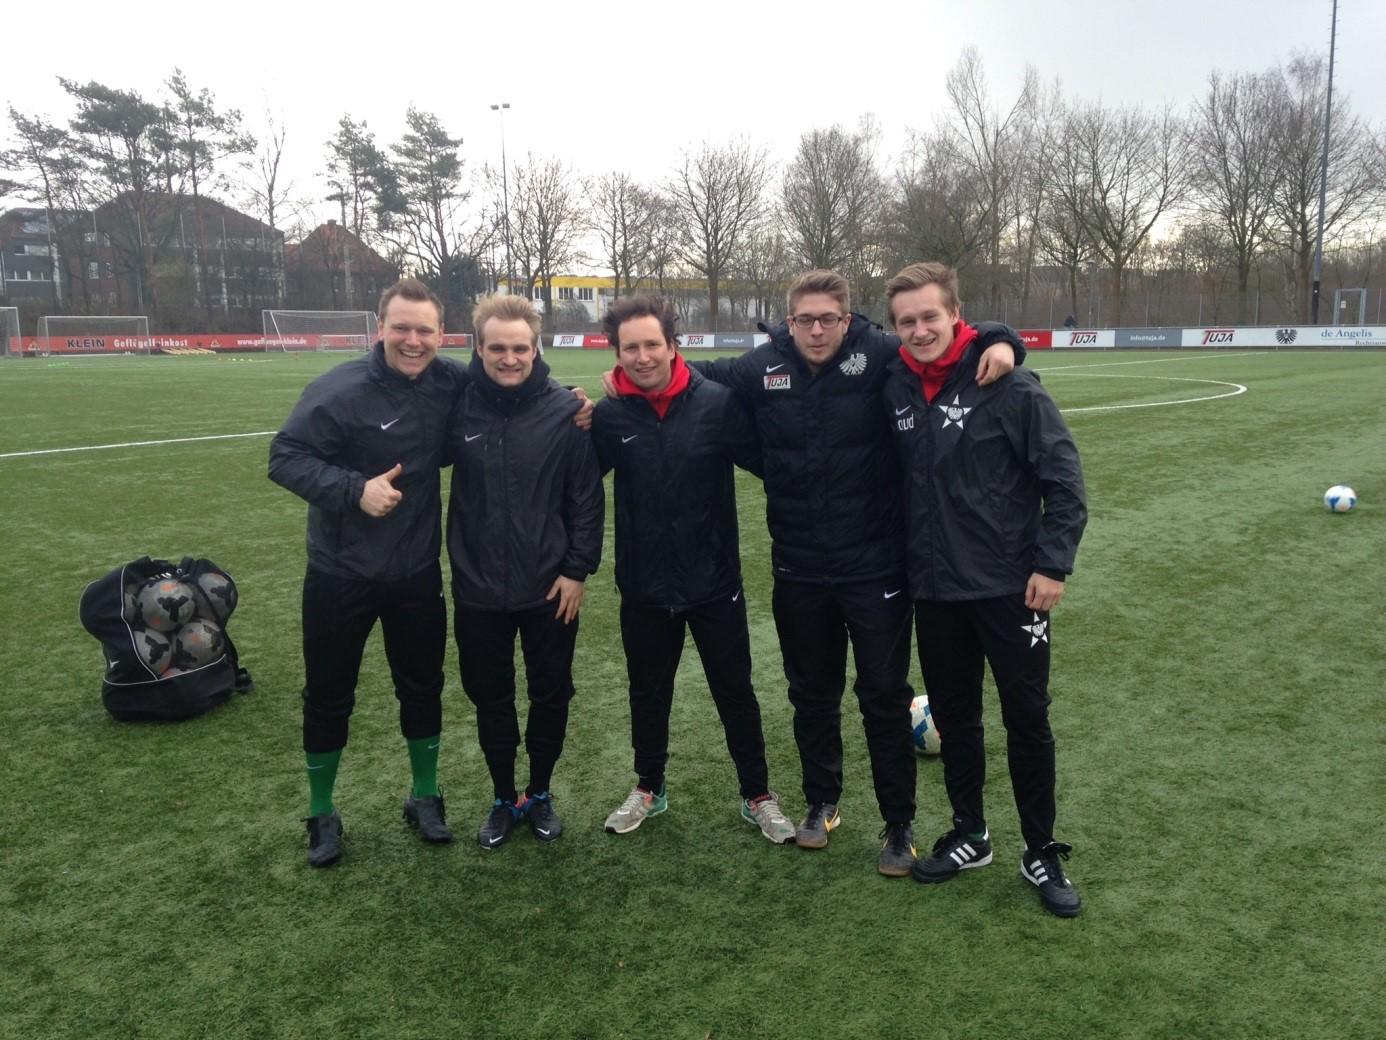 Das motivierte Trainerteam trotzt Wind & Wetter …